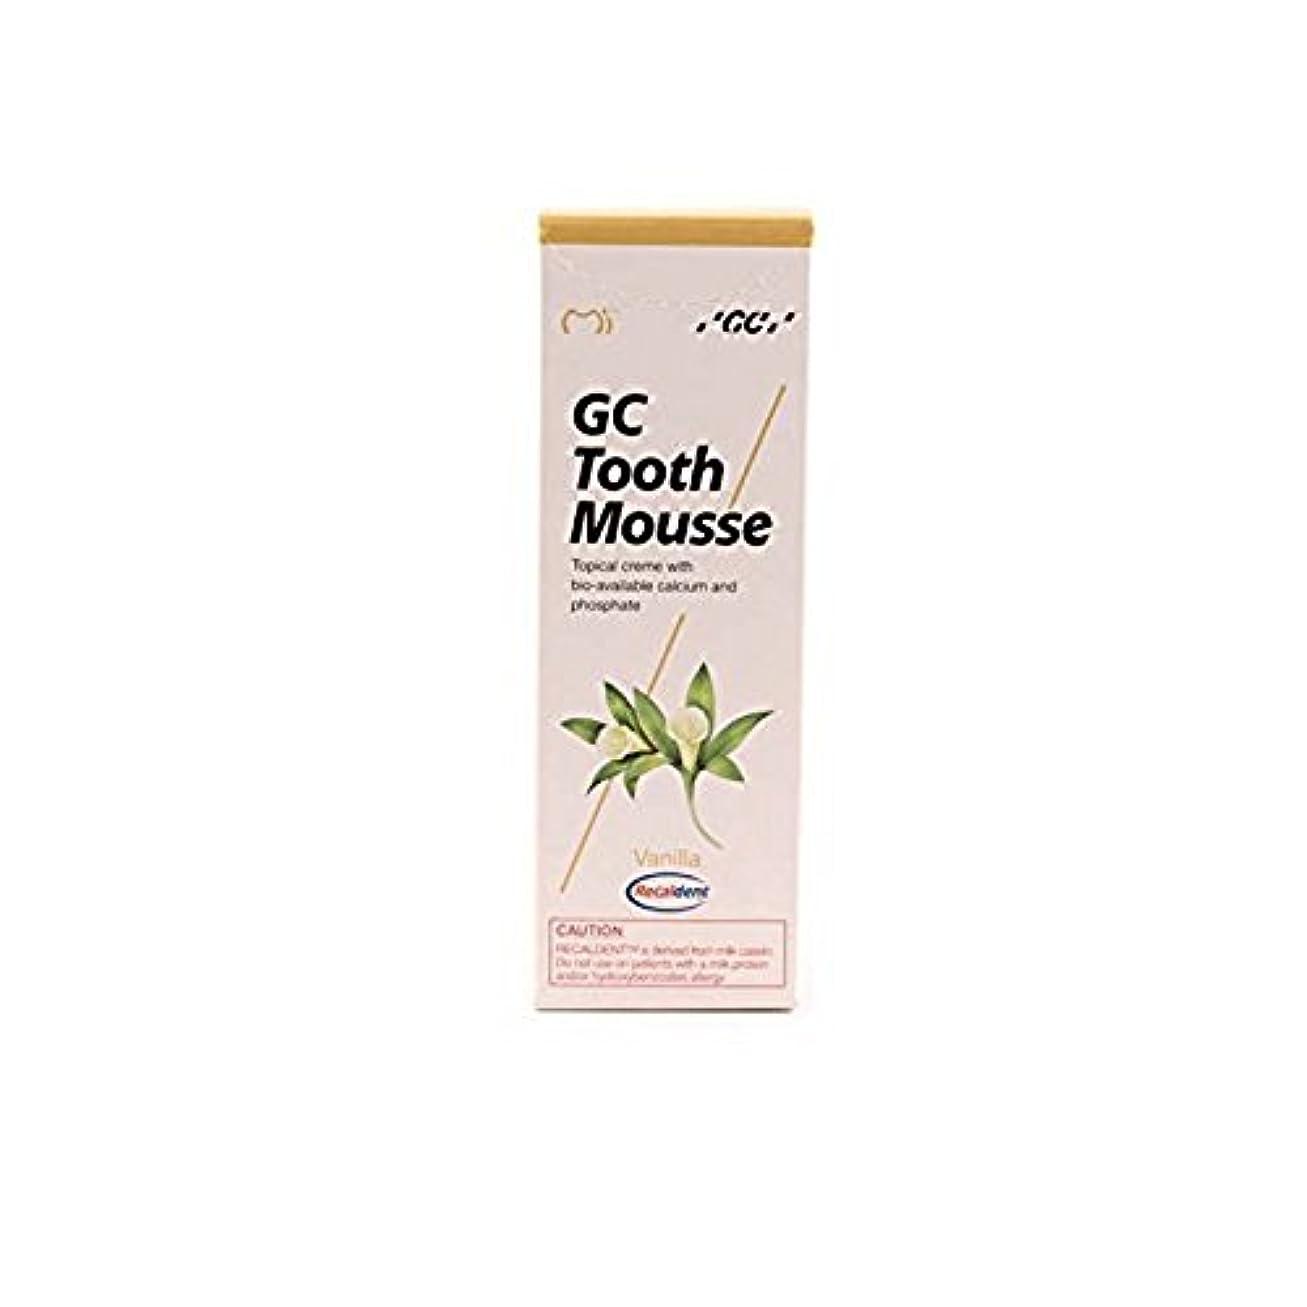 関係する理容室カートGc の歯のムース練り歯磨き粉の盛り合わせの味40g (バニラ (Vanilla))